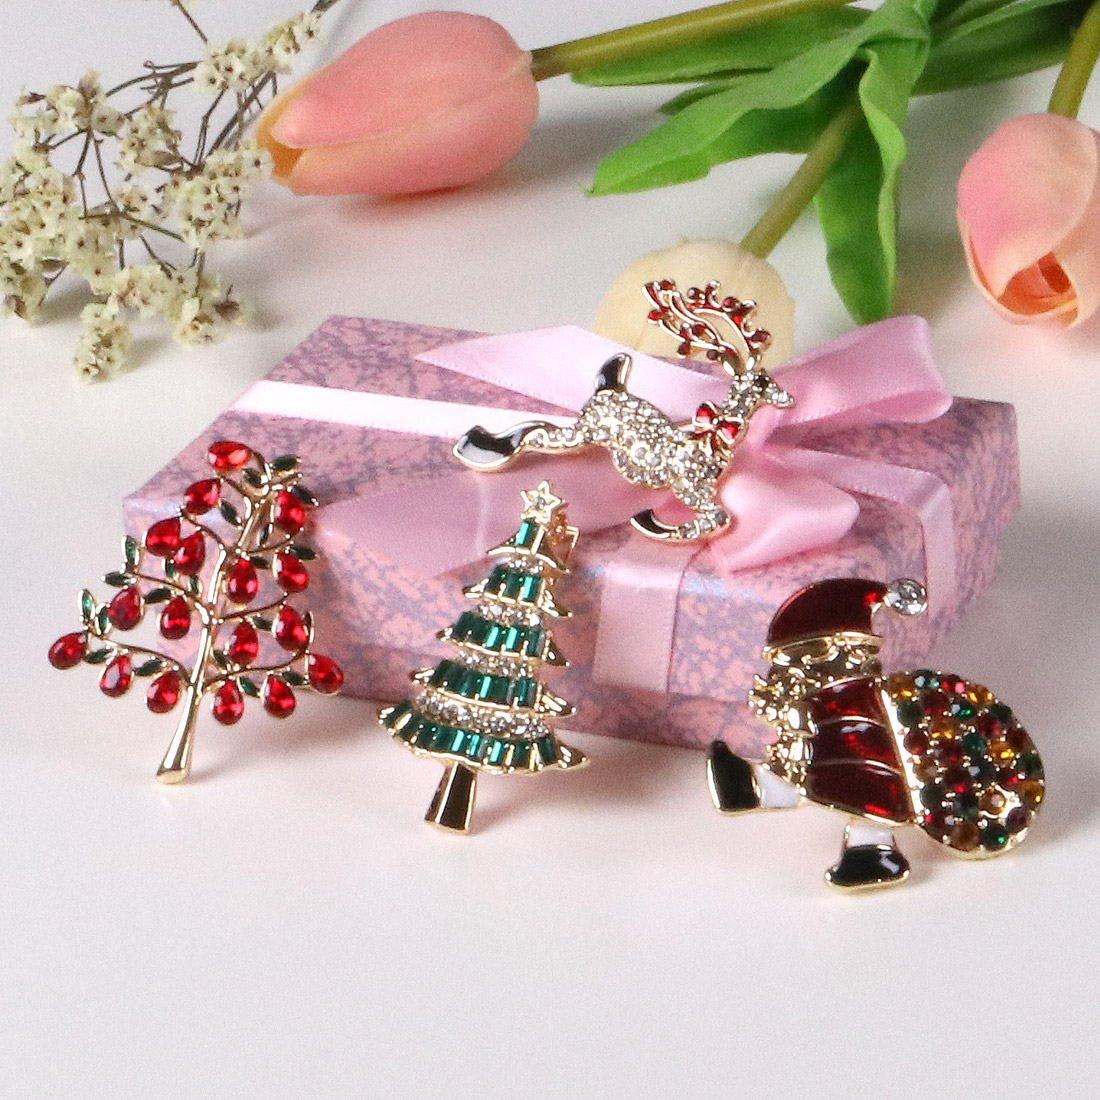 YSD Christmas Brooch Pins set Holiday Brooch Xmas Pin Lot Party Favor set christmas tree pins set by YSD (Image #7)